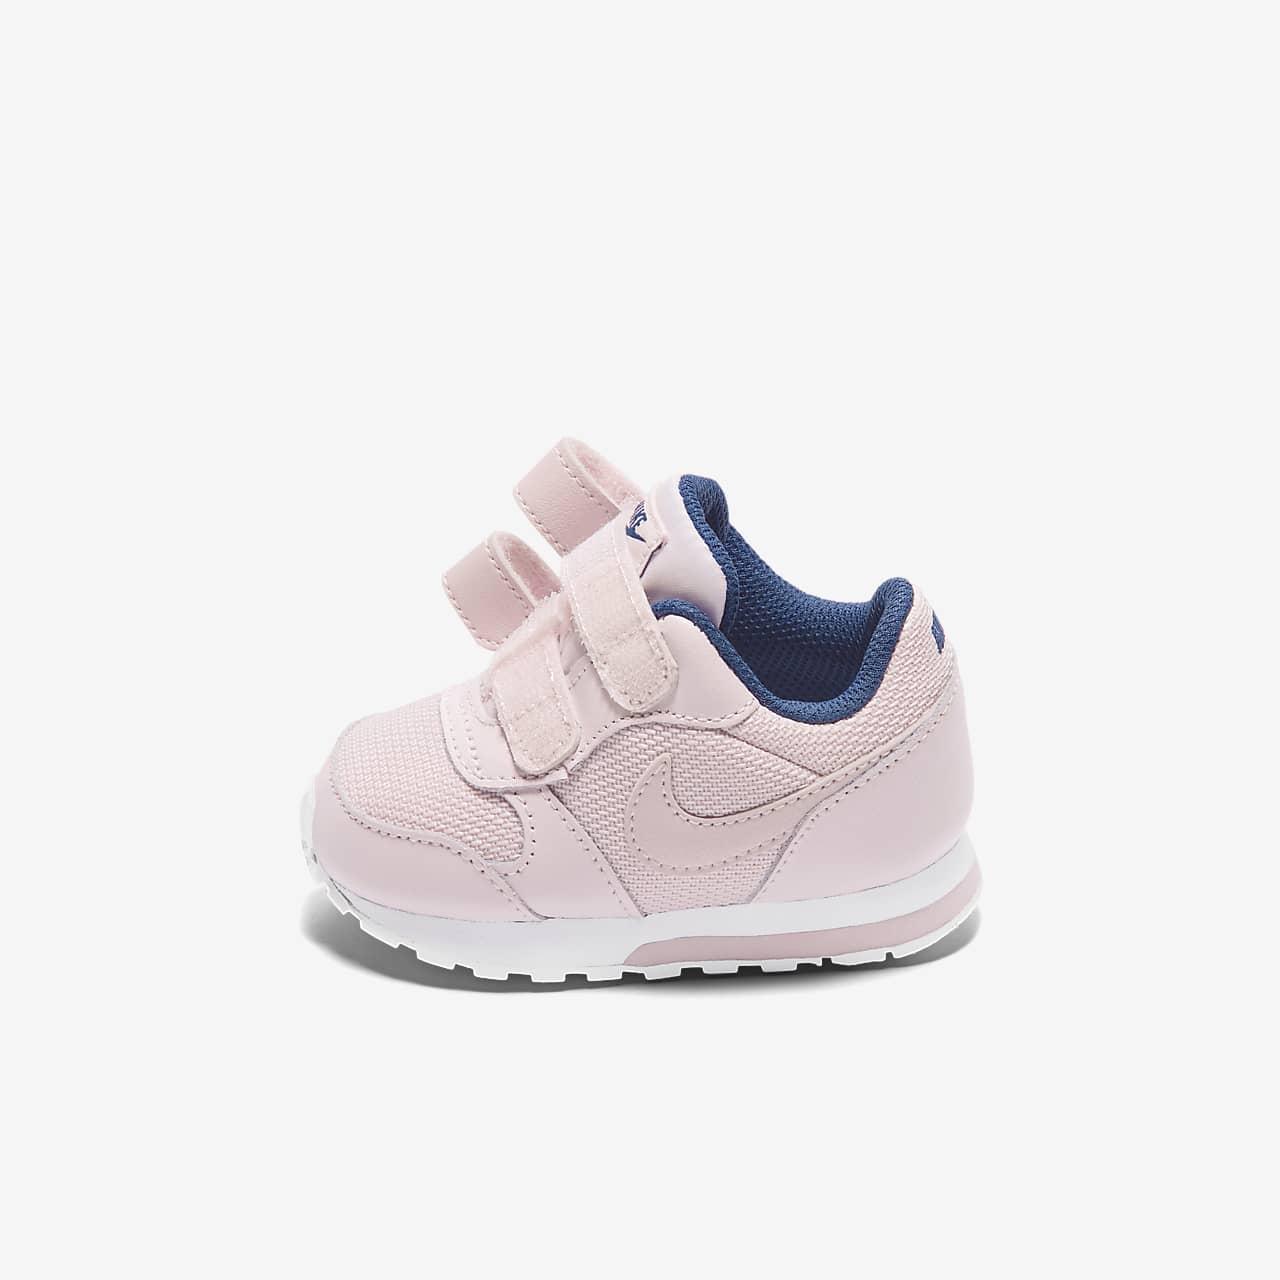 Nike MD Runner 2 Baby \u0026 Toddler Shoe